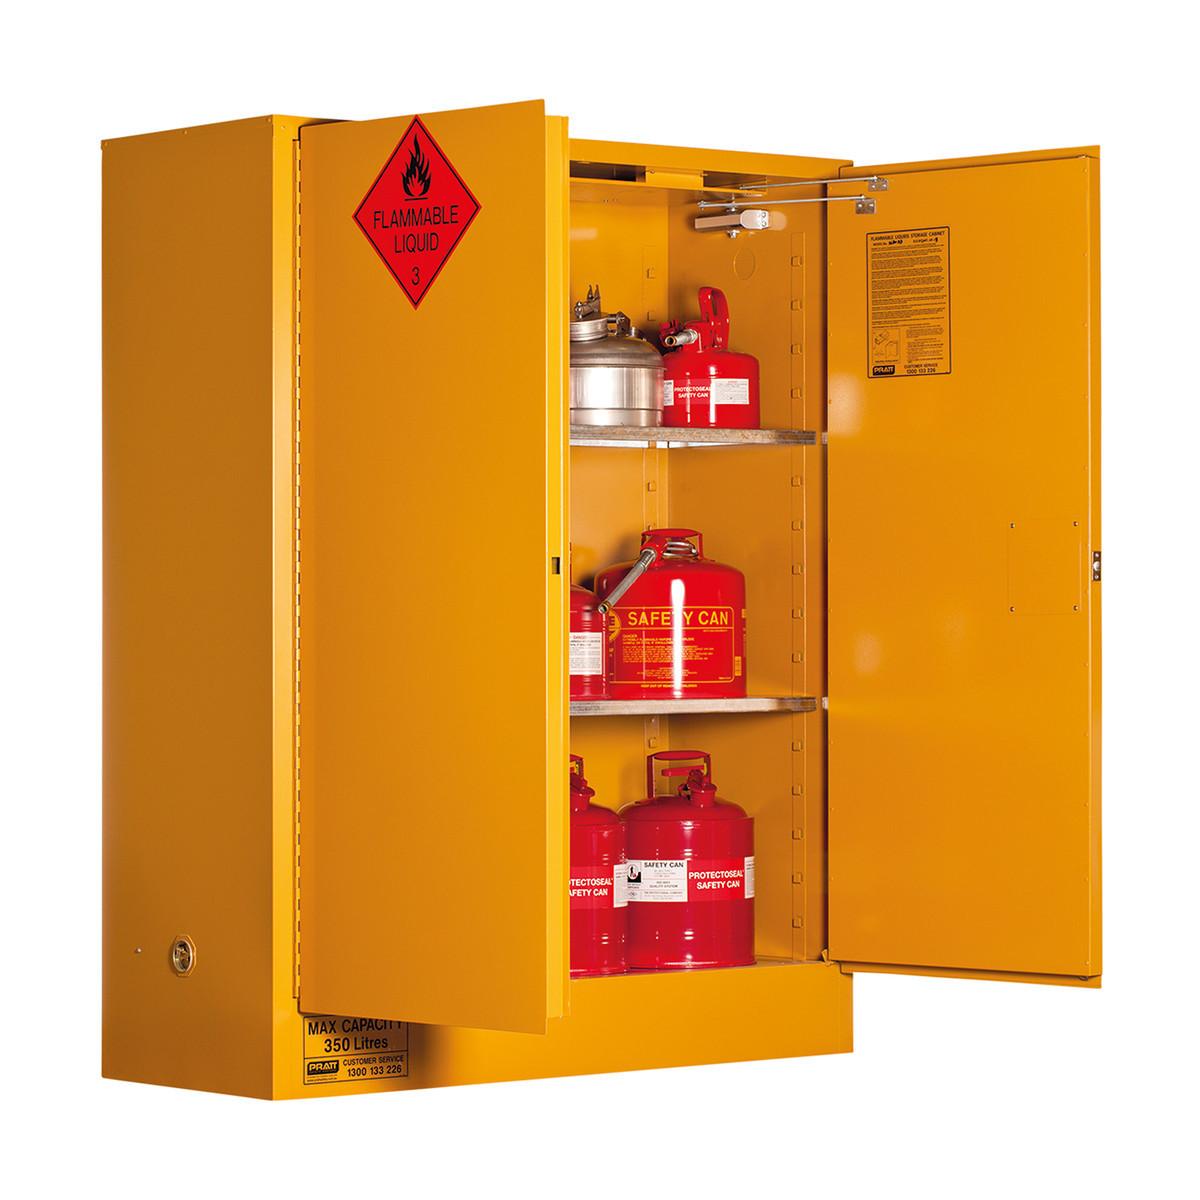 Flammable Storage Cabinet 350 Liters - 2 Door, 3 Shelf